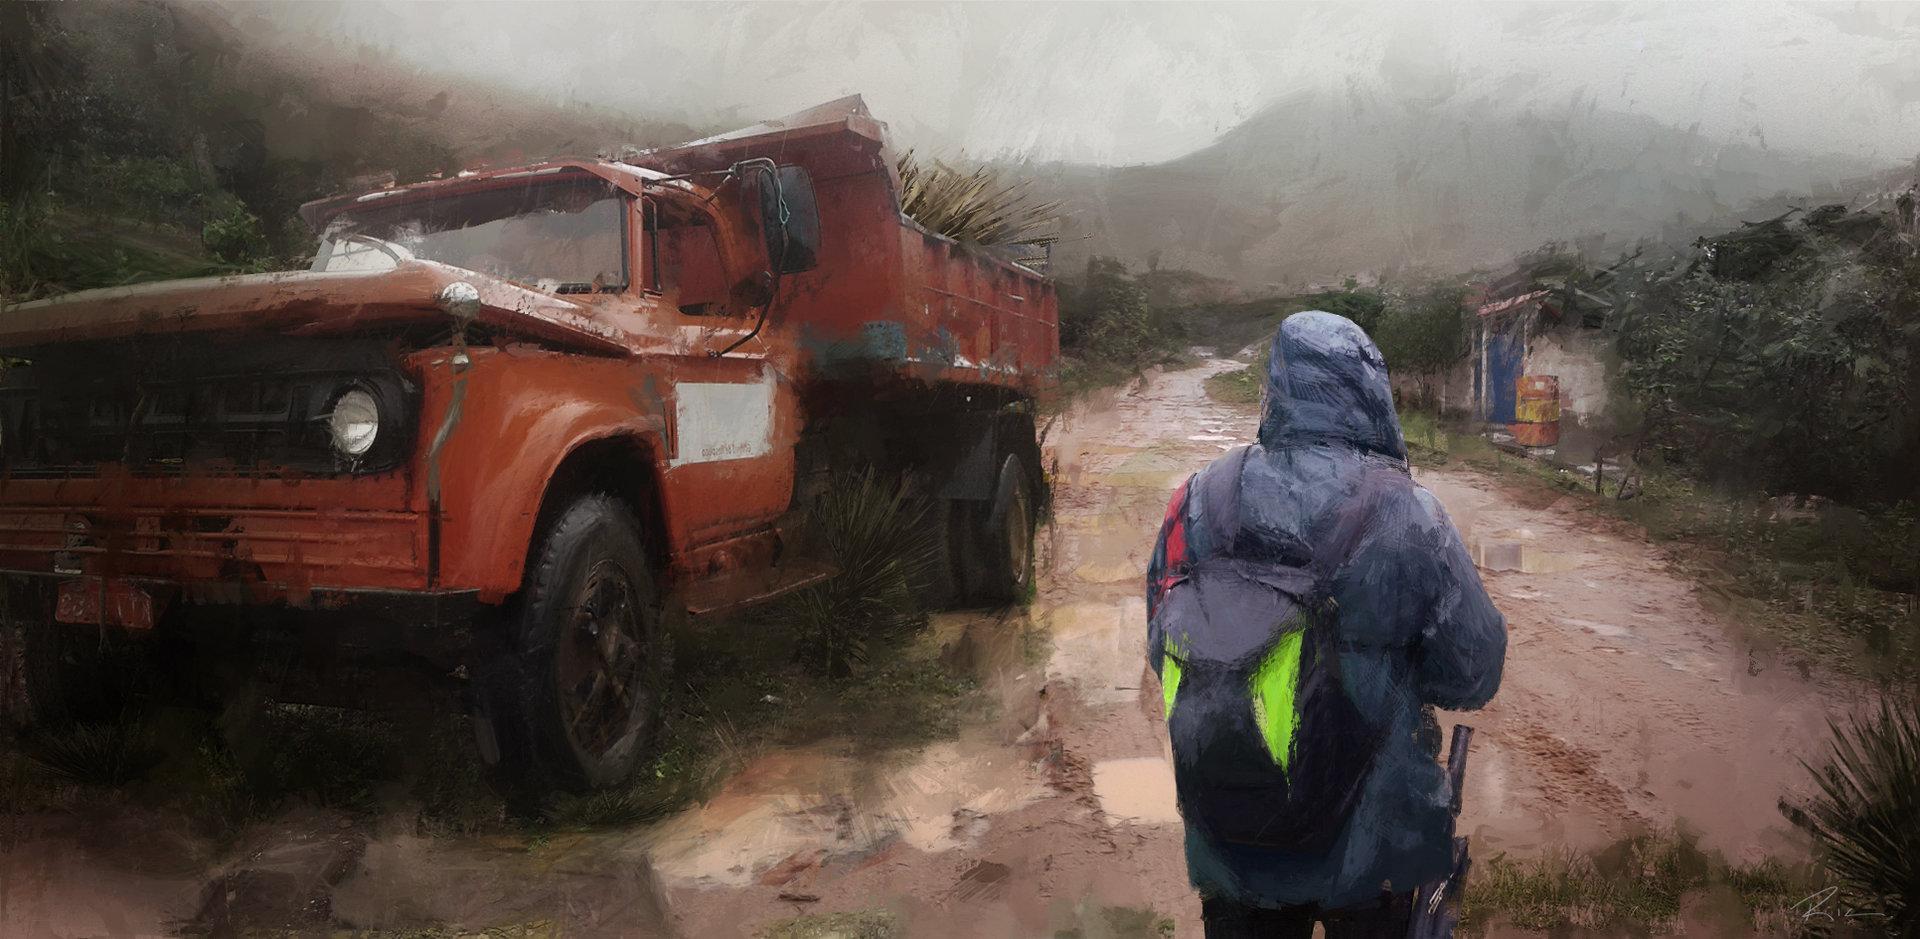 Ricardo guimaraes mud road